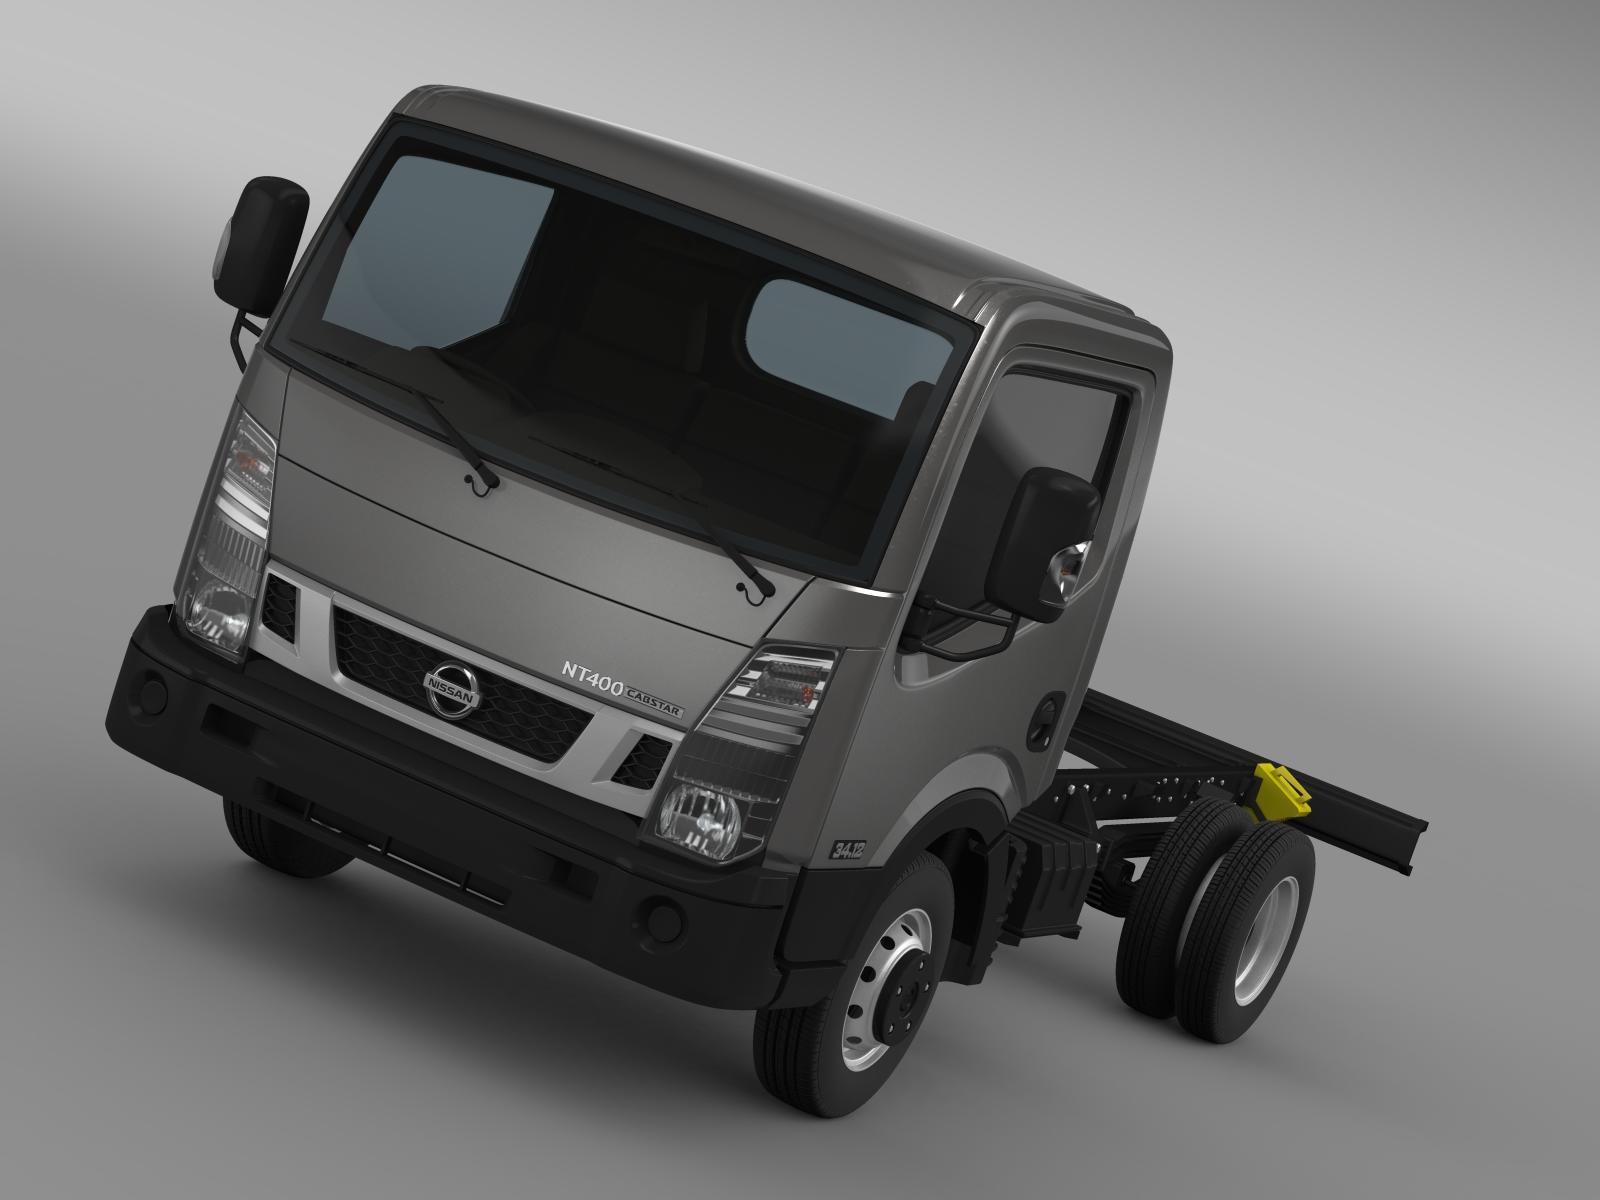 nissan nt400 cabstar 2014 chassi 3d modell 3ds max fbx c4d lwo ma mb hrc xsi objektum 208361